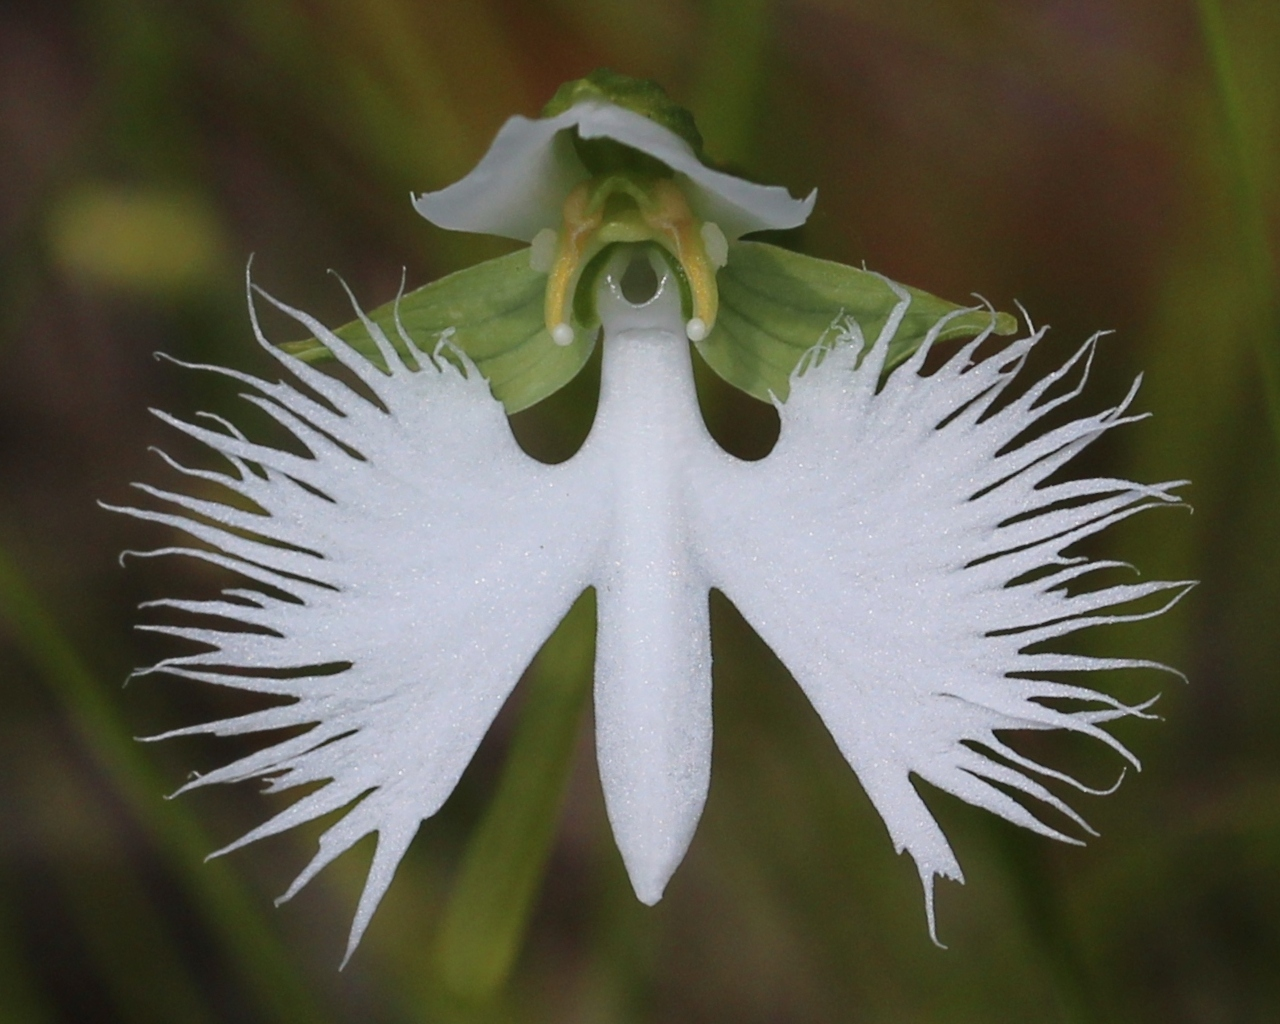 鷺草(さぎそう)の花言葉は発展 : 8月13日の花と❀花言葉❀麒麟草(きりんそう)、鷺草(さぎそう)、禊萩(みそはぎ) - NAVER まとめ